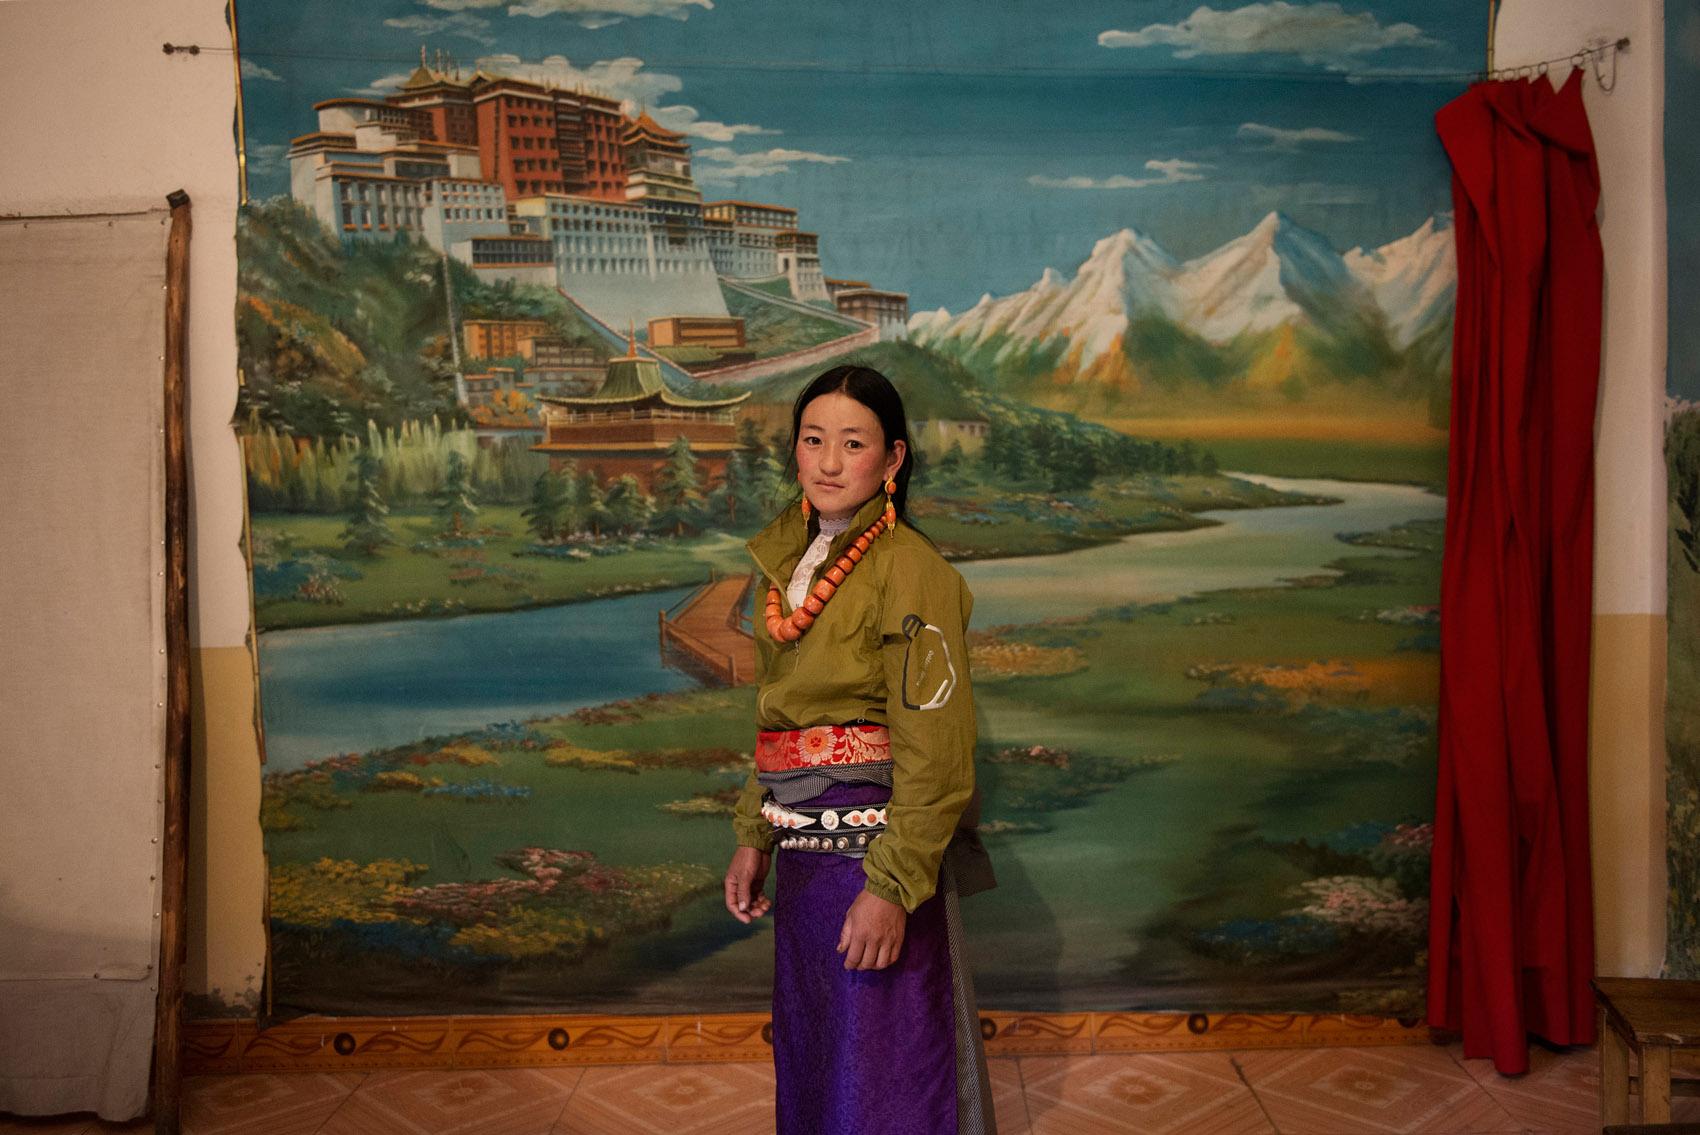 A young Tibetan posing in a photo studio in Labrang (Gansu).